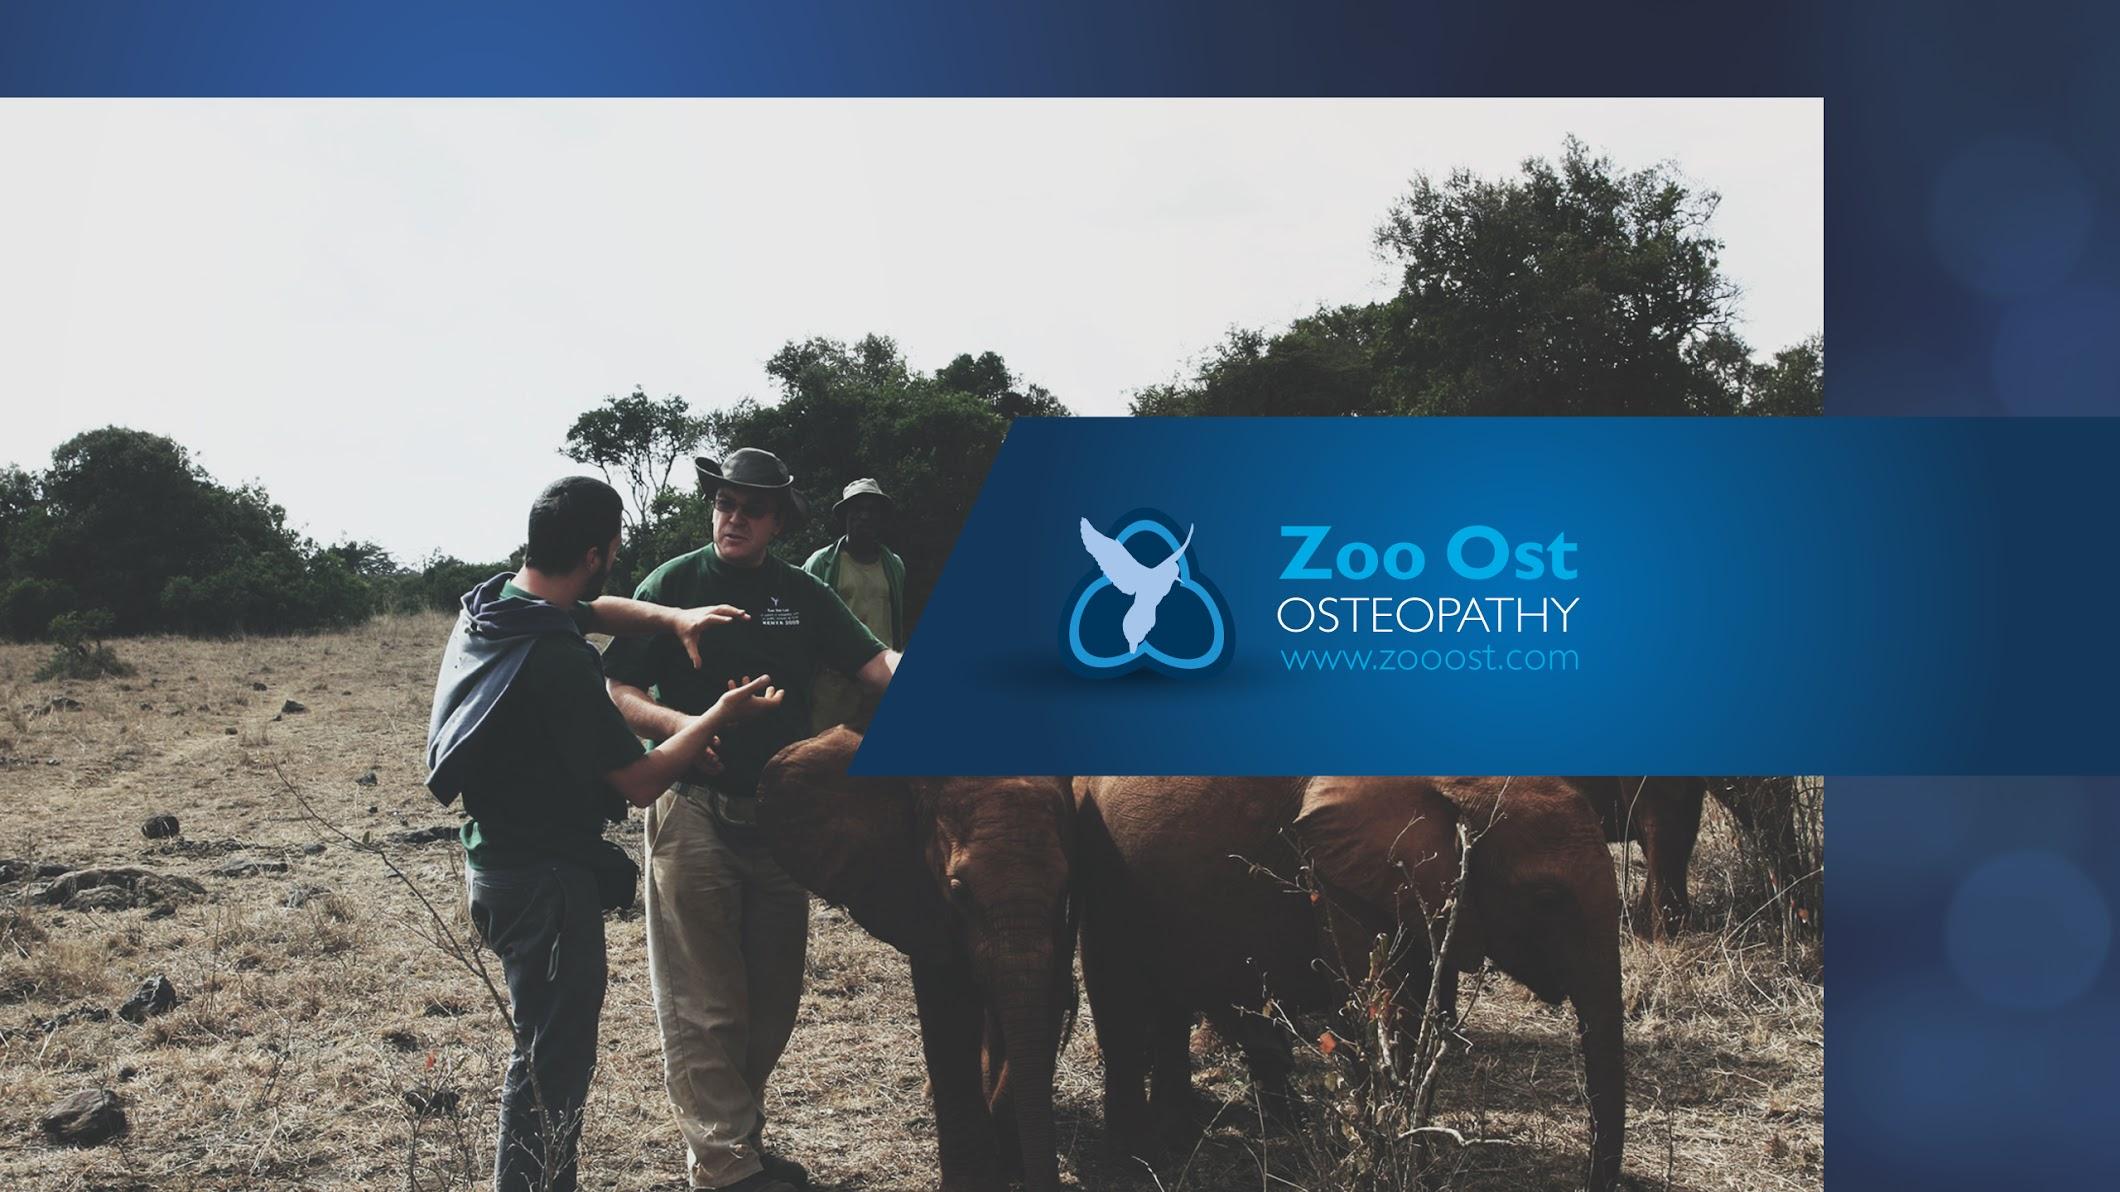 Zoo Ost Ltd